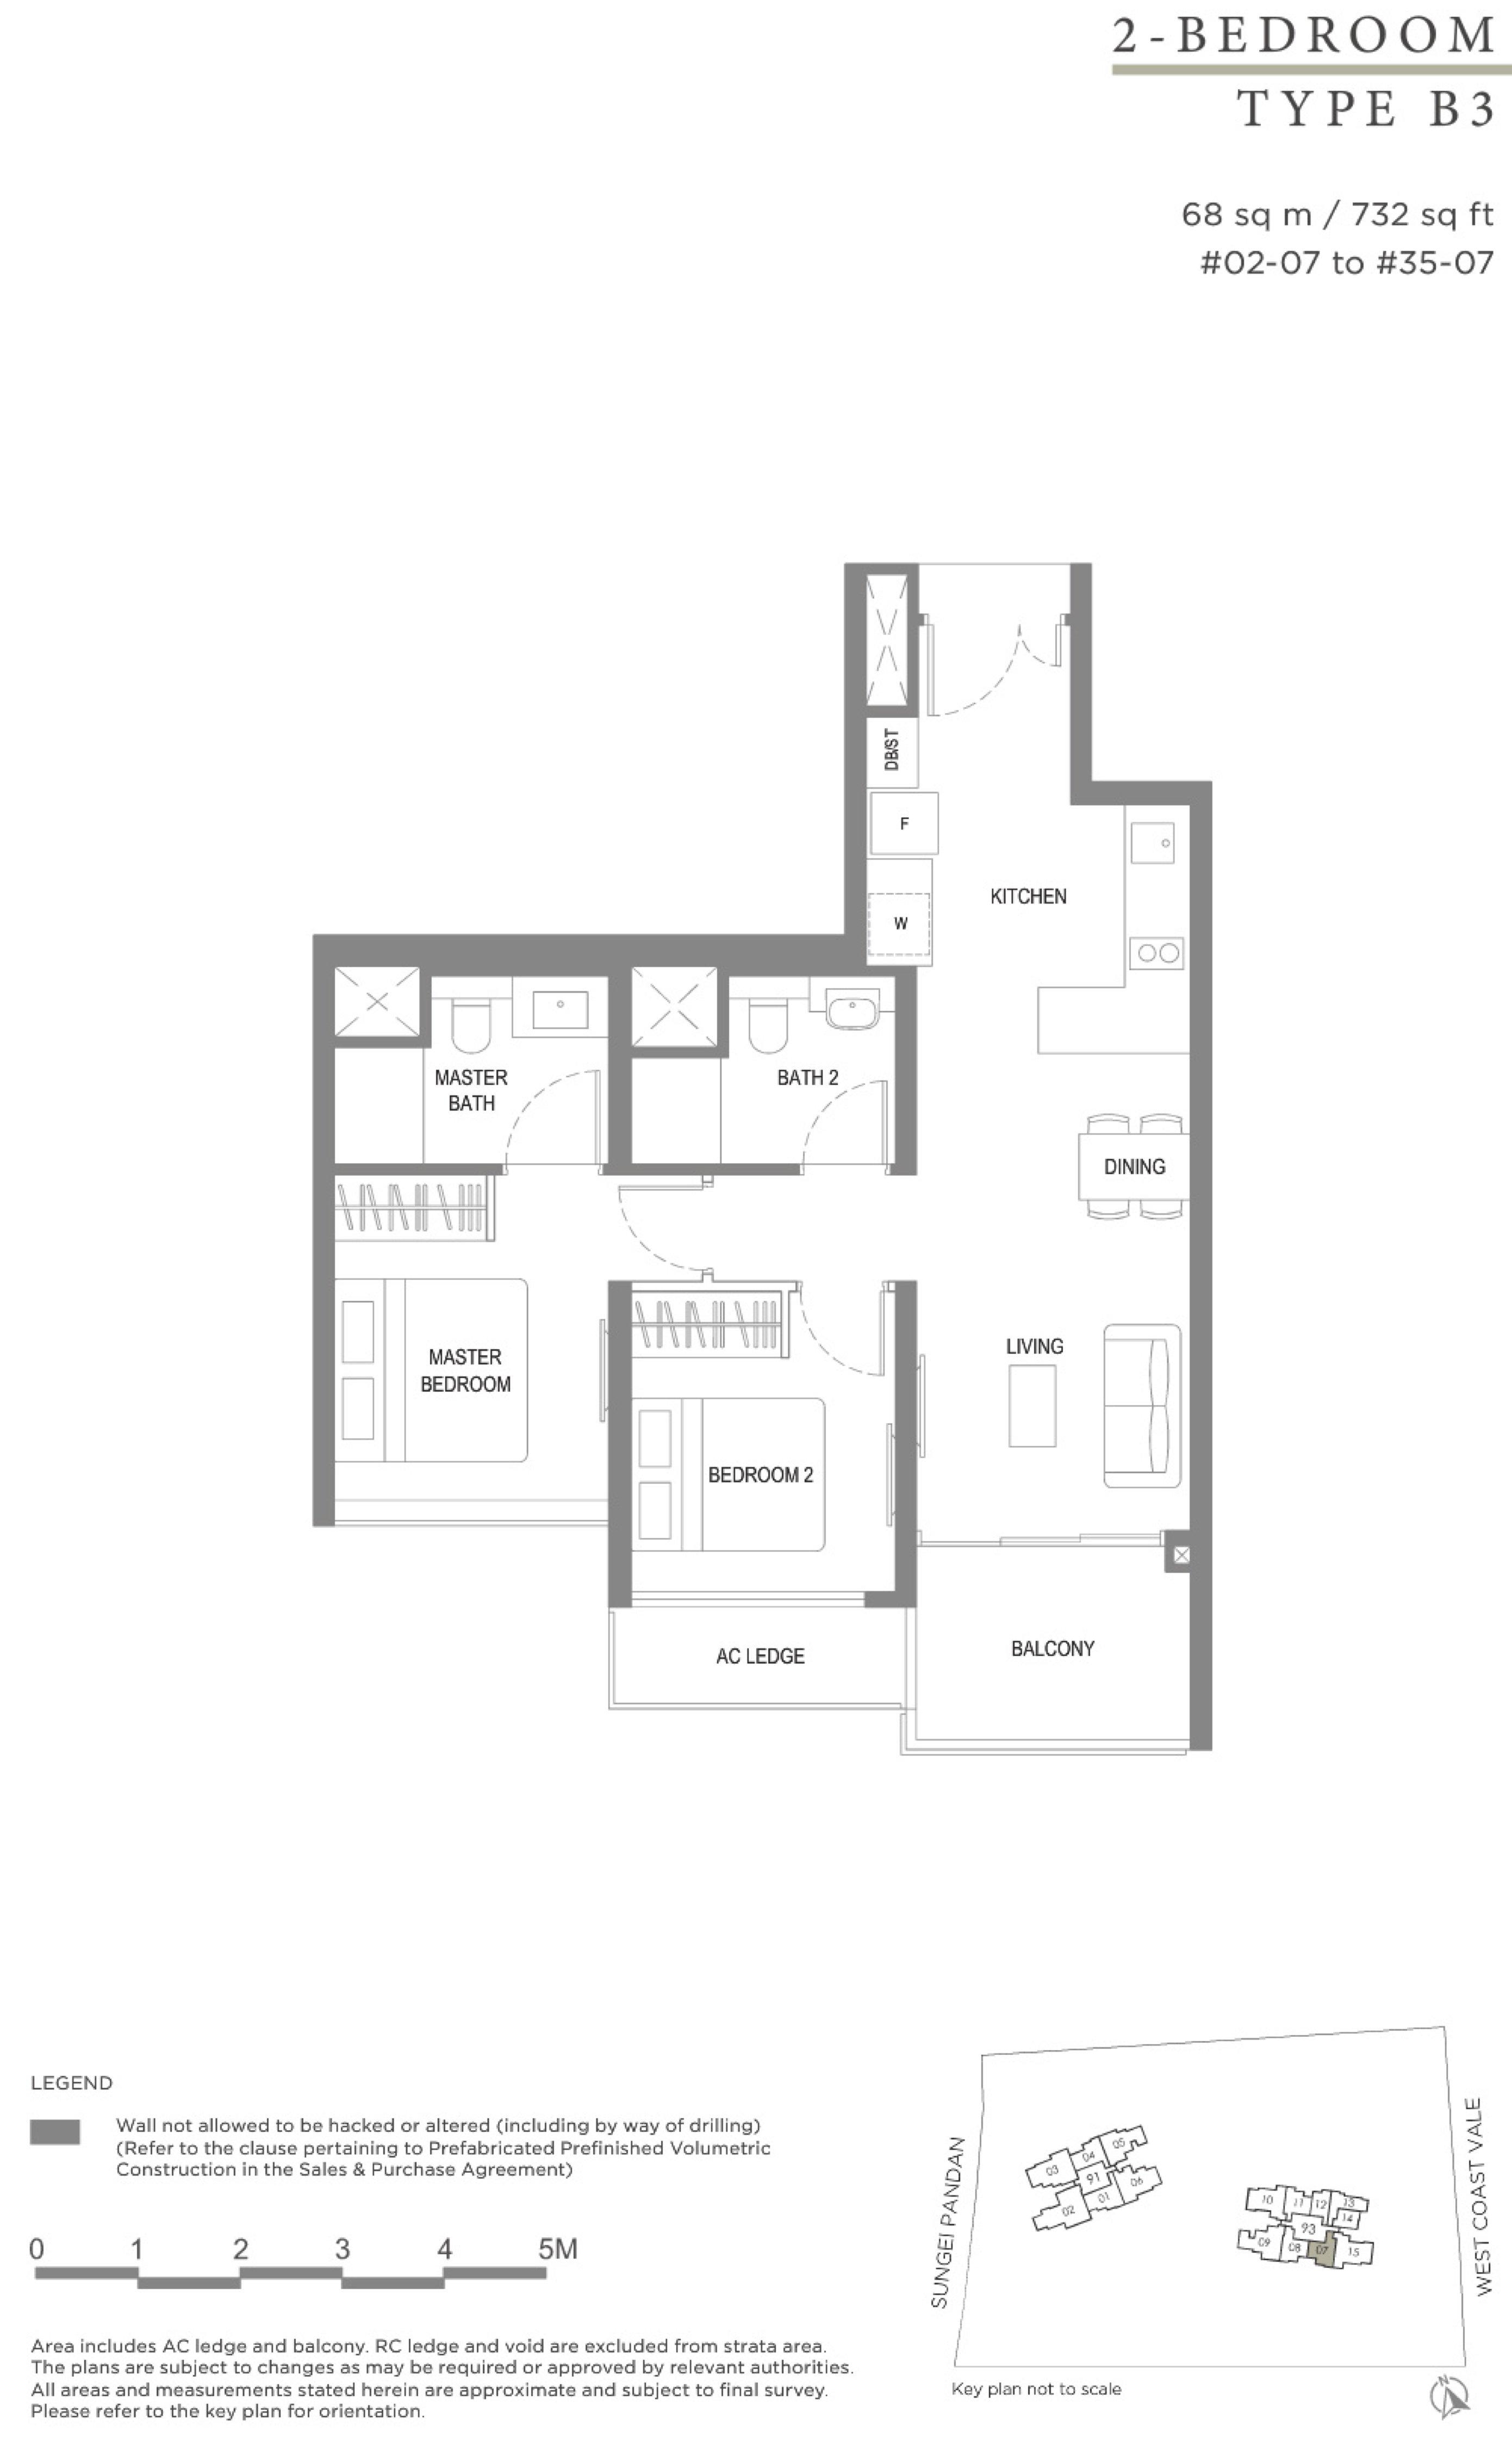 Twin VEW 2 bedroom B3 floor plan